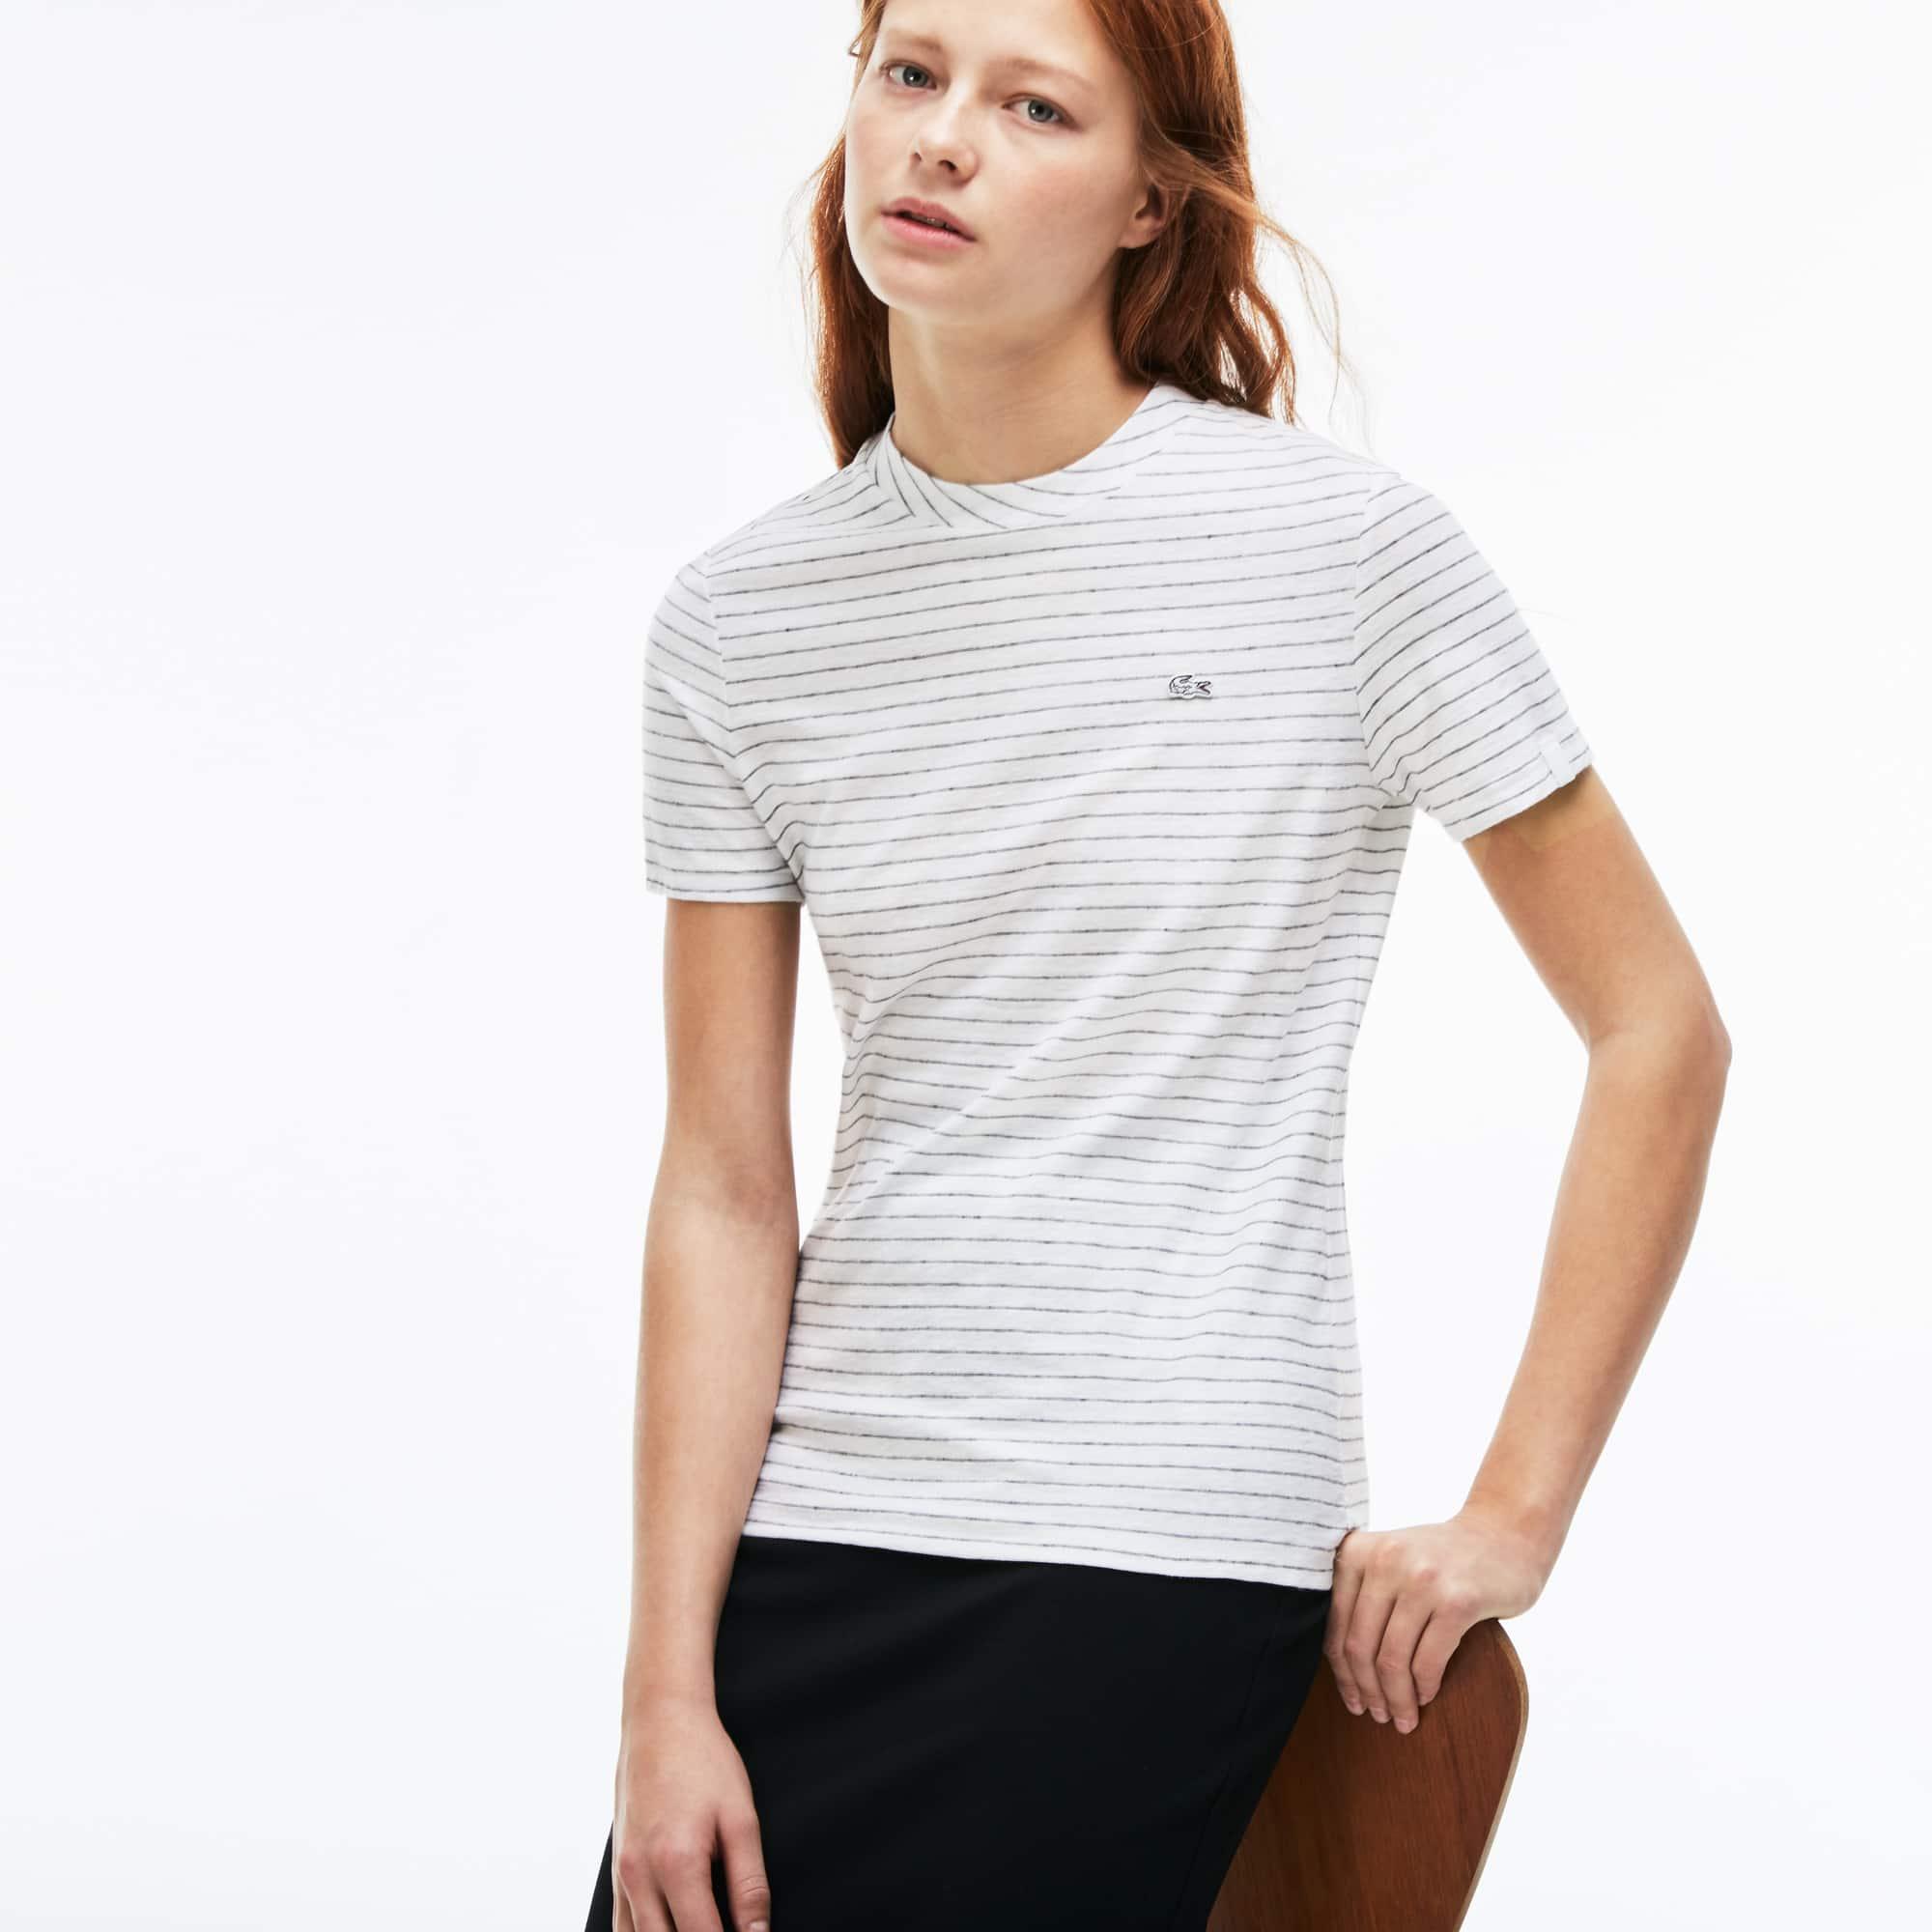 T-shirt com decote redondo Lacoste LIVE em jersey de algodão e linho às riscas